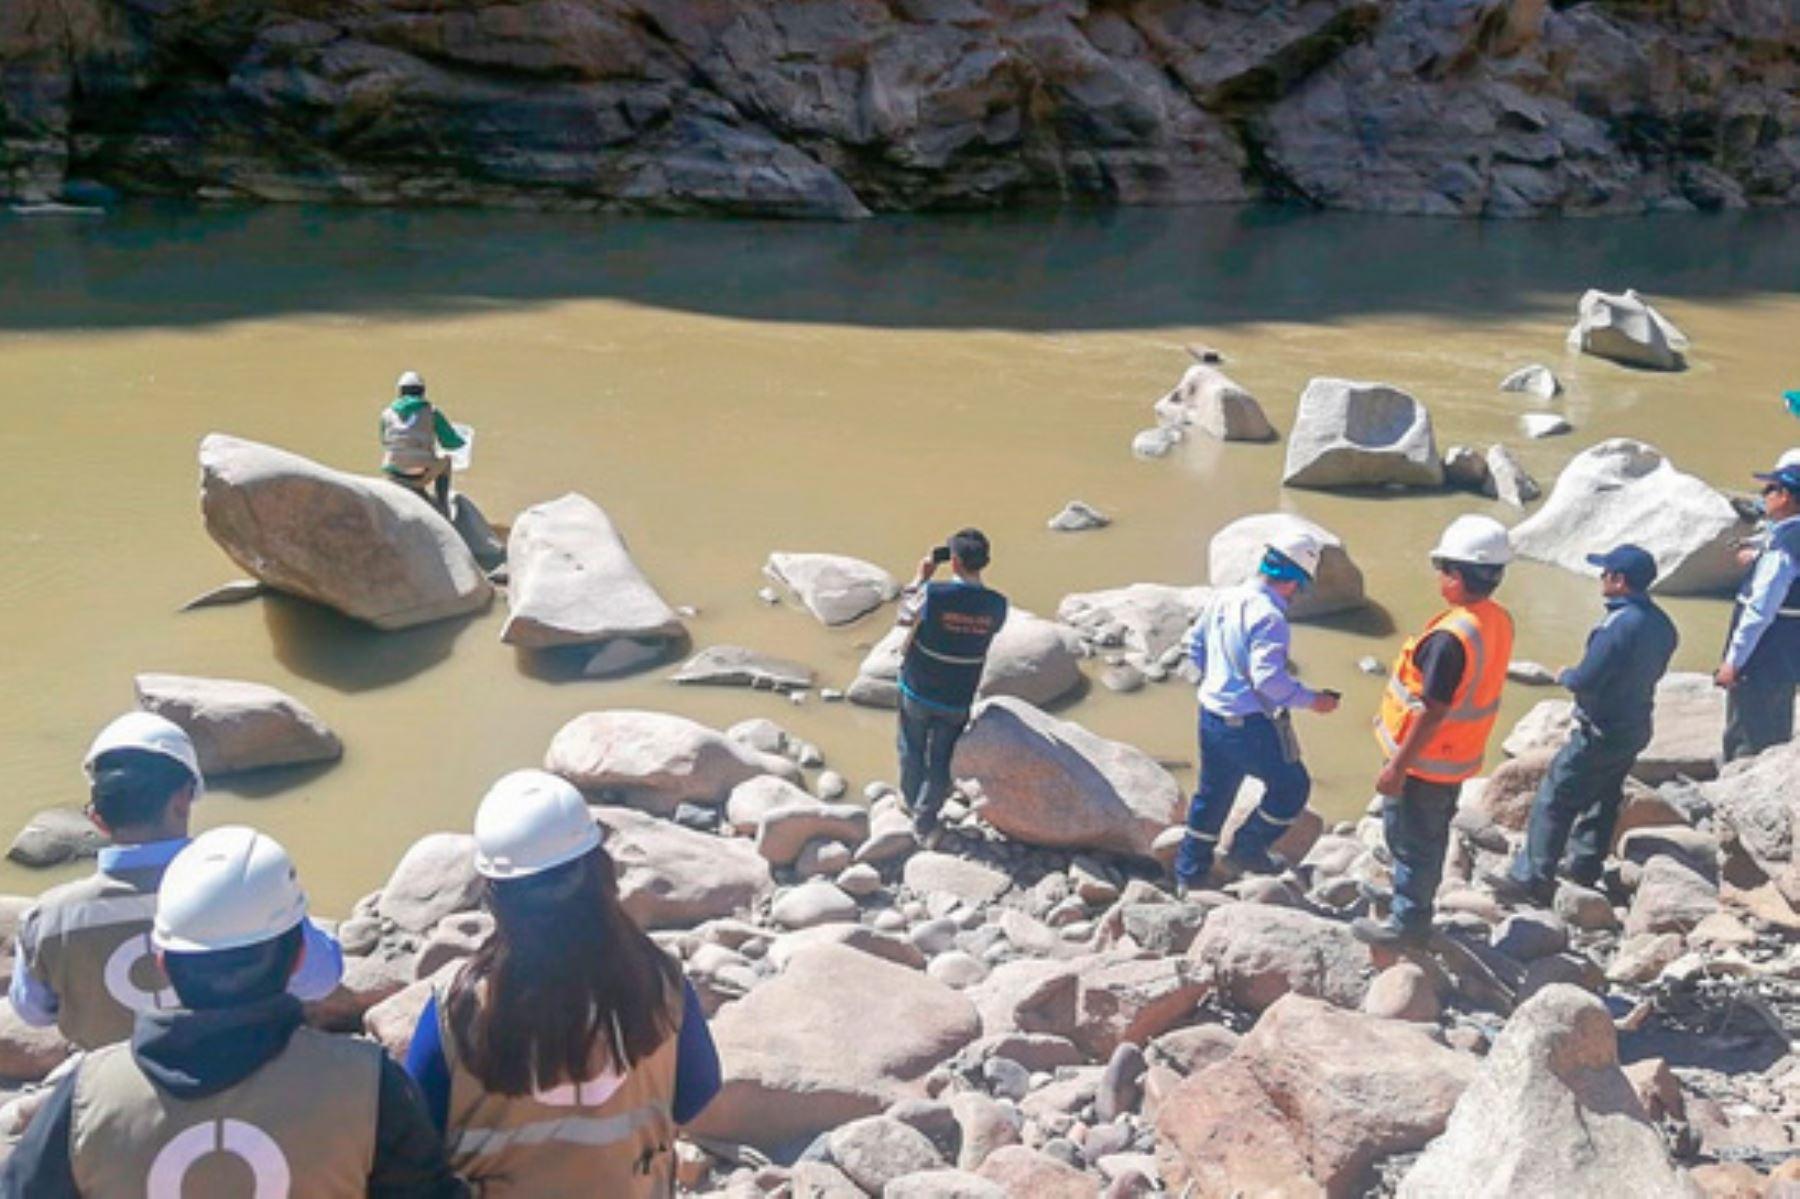 El OEFA ordenó a la minera Doe Run Perú S.R.L. remediar el río Mantaro y demás zonas afectadas por el derrame de relaves.